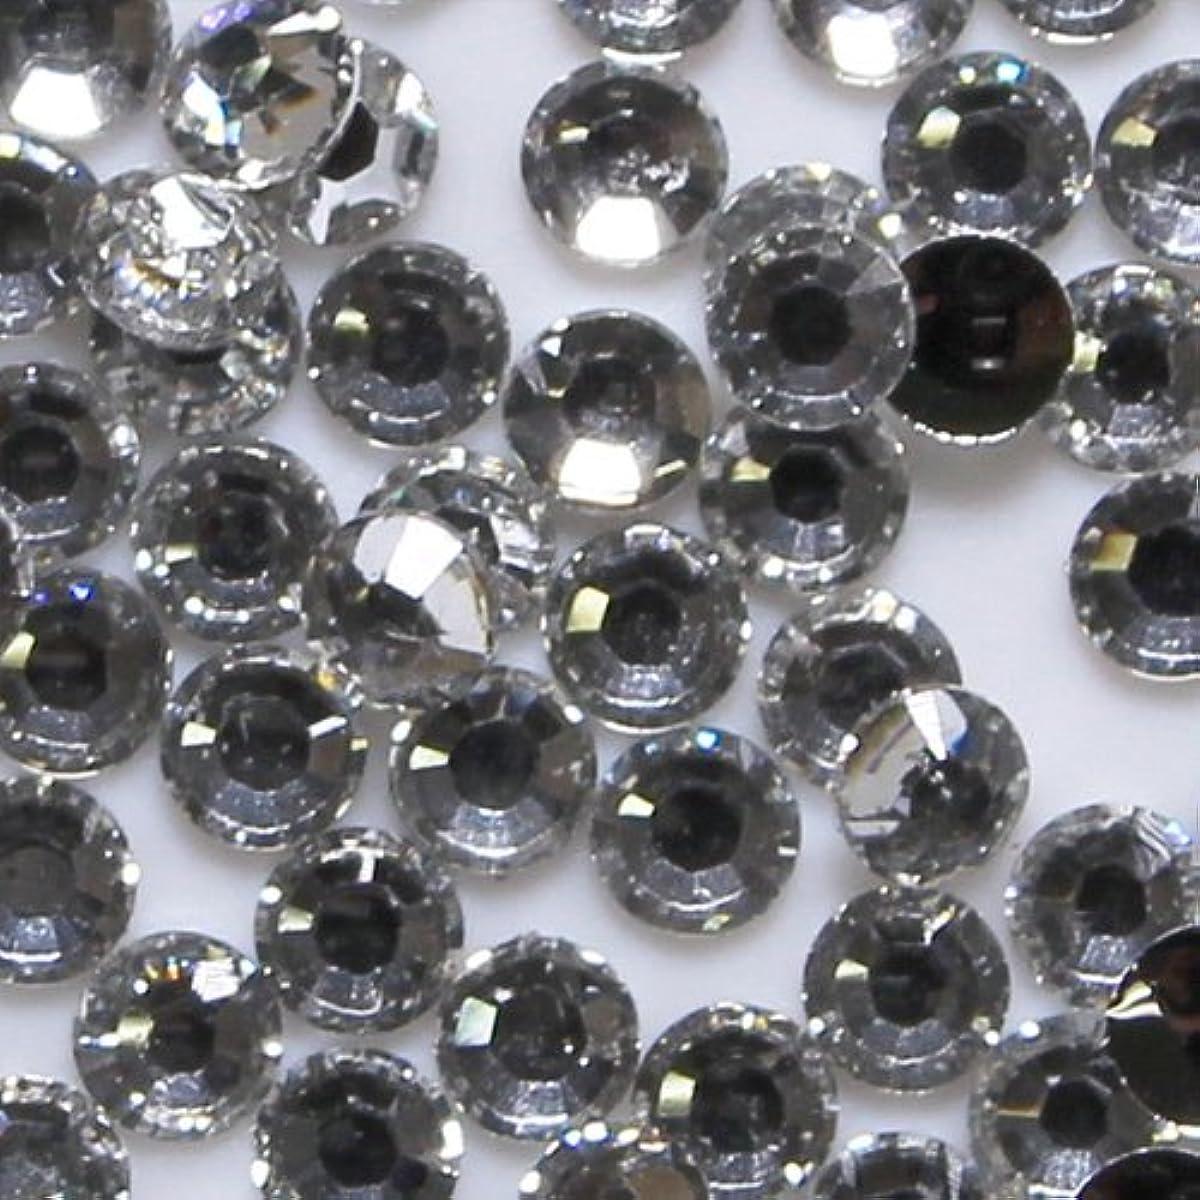 電子レンジ安いです付ける高品質 アクリルストーン ラインストーン ラウンドフラット 約1000粒入り 4mm ダイヤモンド